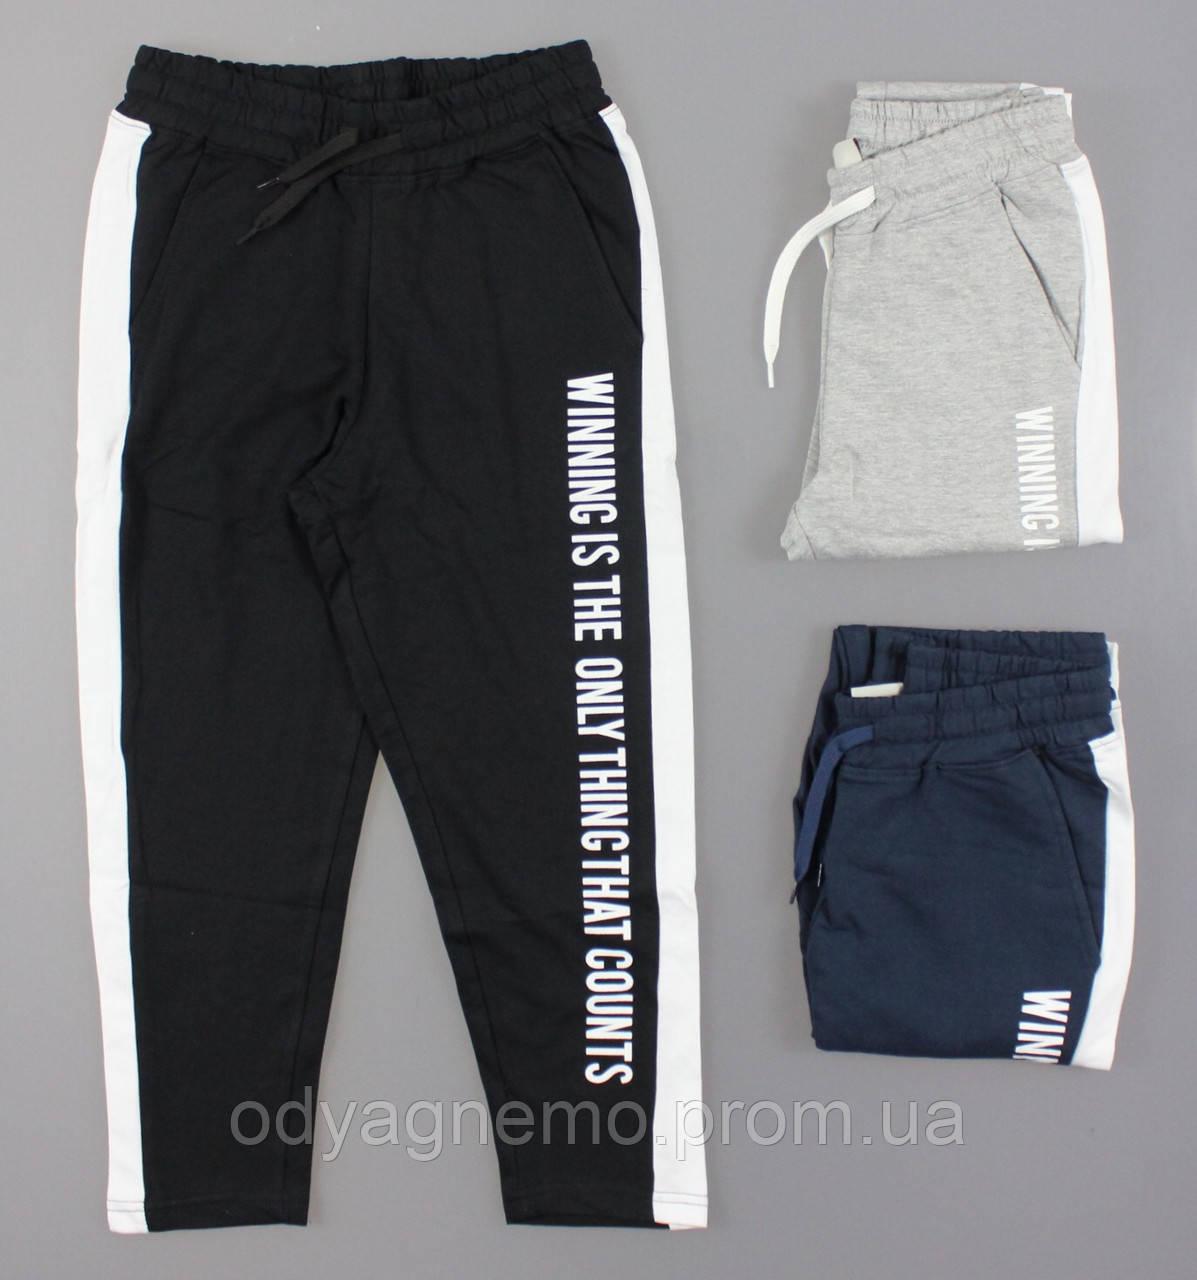 Спортивные брюки для мальчиков Glo-Story оптом, 110-160 pp.